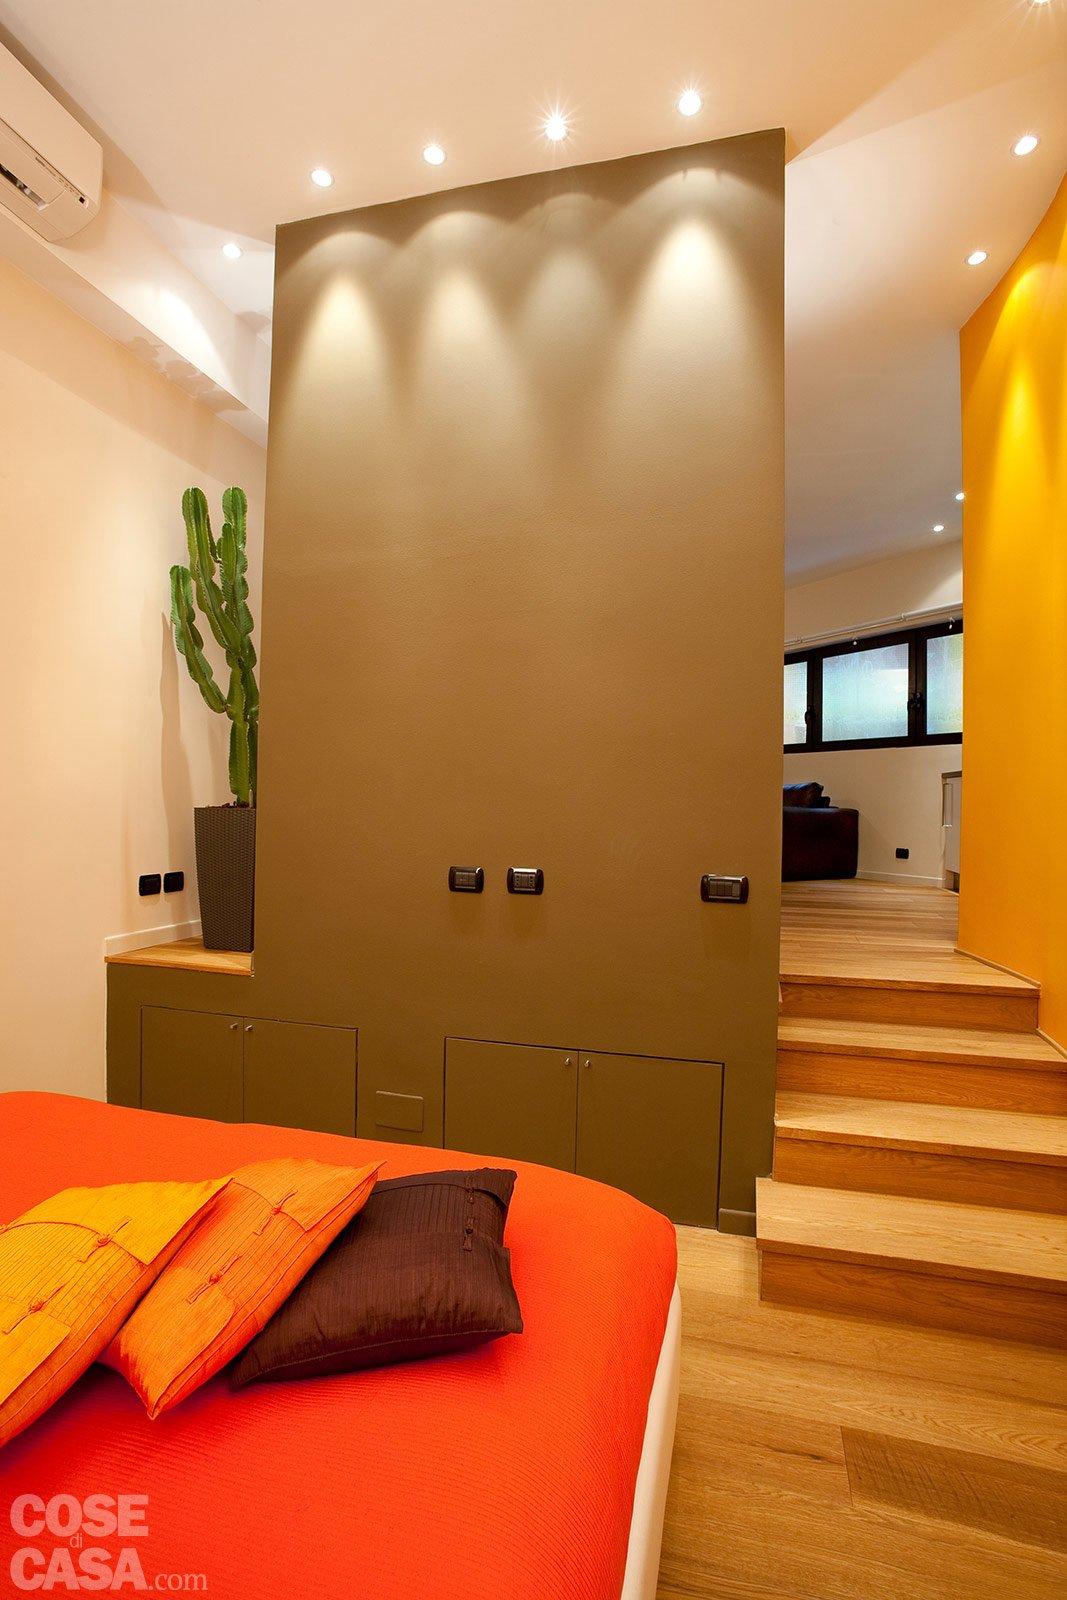 Una casa mini con curve e nicchie risolutive cose di casa - Un letto in una nicchia ...